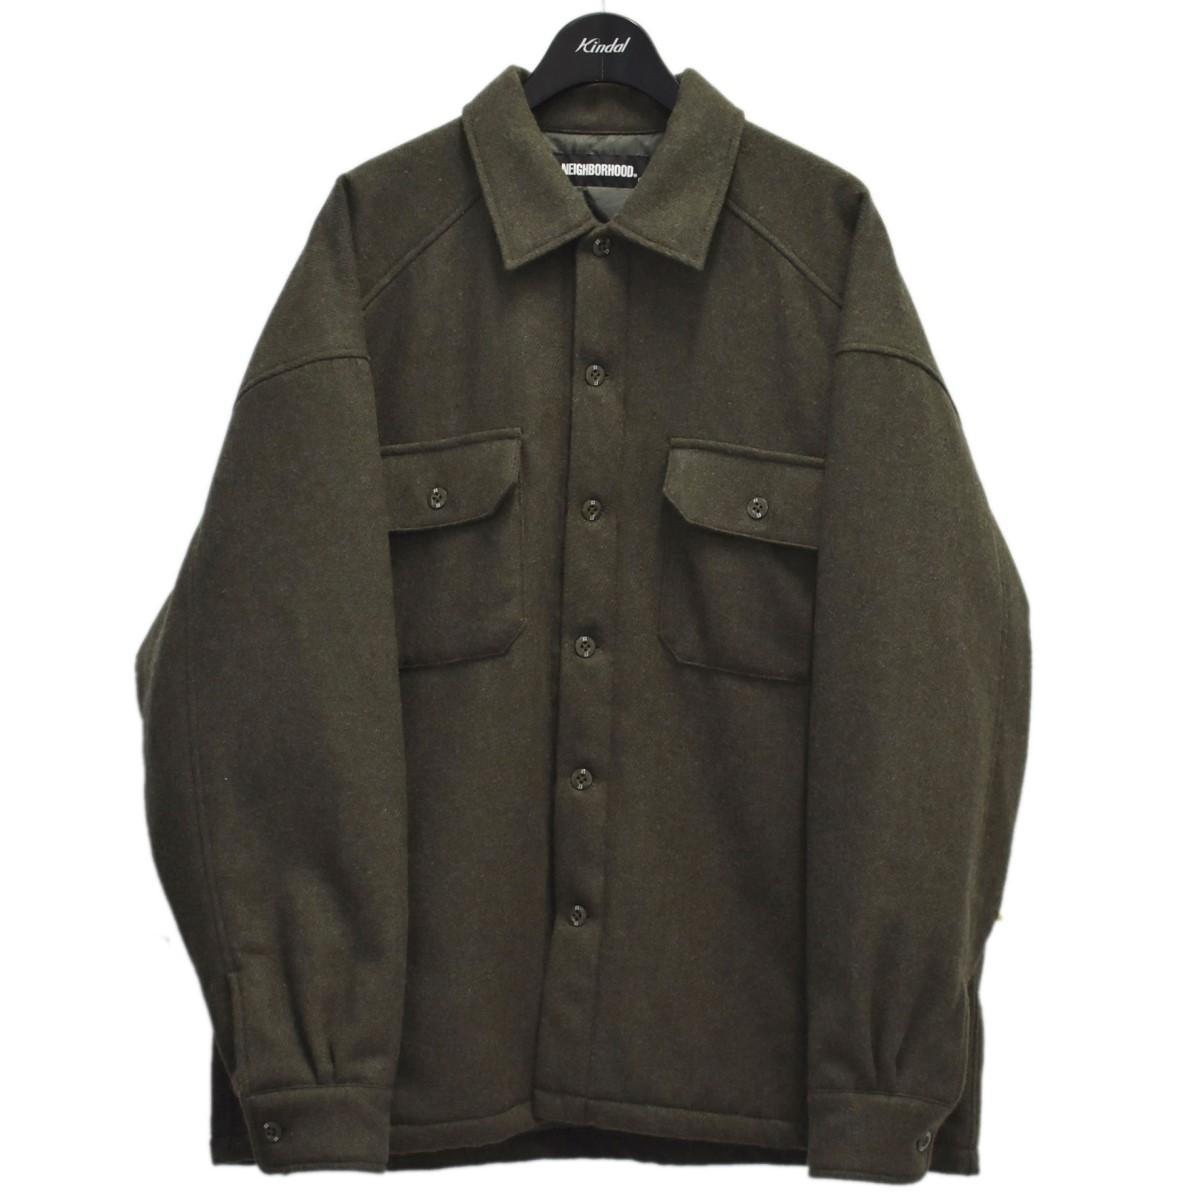 ネイバーフッド 訳ありセール 格安 中古 NEIGHBOR HOOD 20AW CORPS WE-SHIRT オリーブ 2020 サイズ:S CPOシャツ . 150921 LS